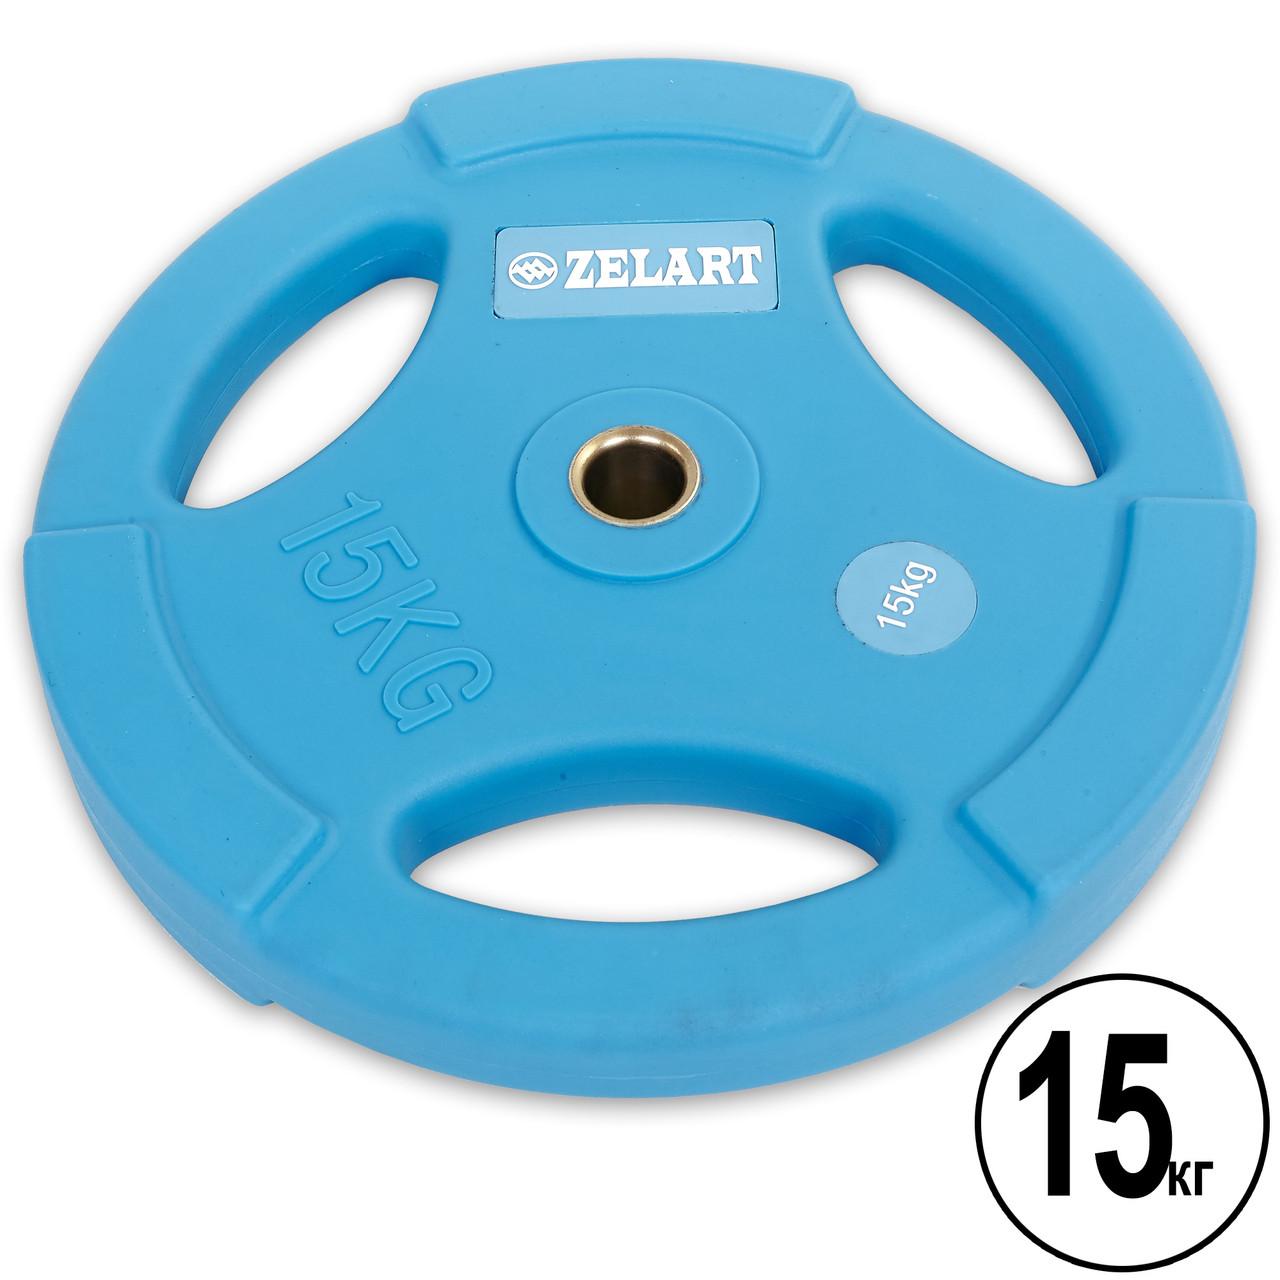 Блины (диски) полиуретановые с хватом и металлической втулкой d-28мм Zelart 15кг (синий)